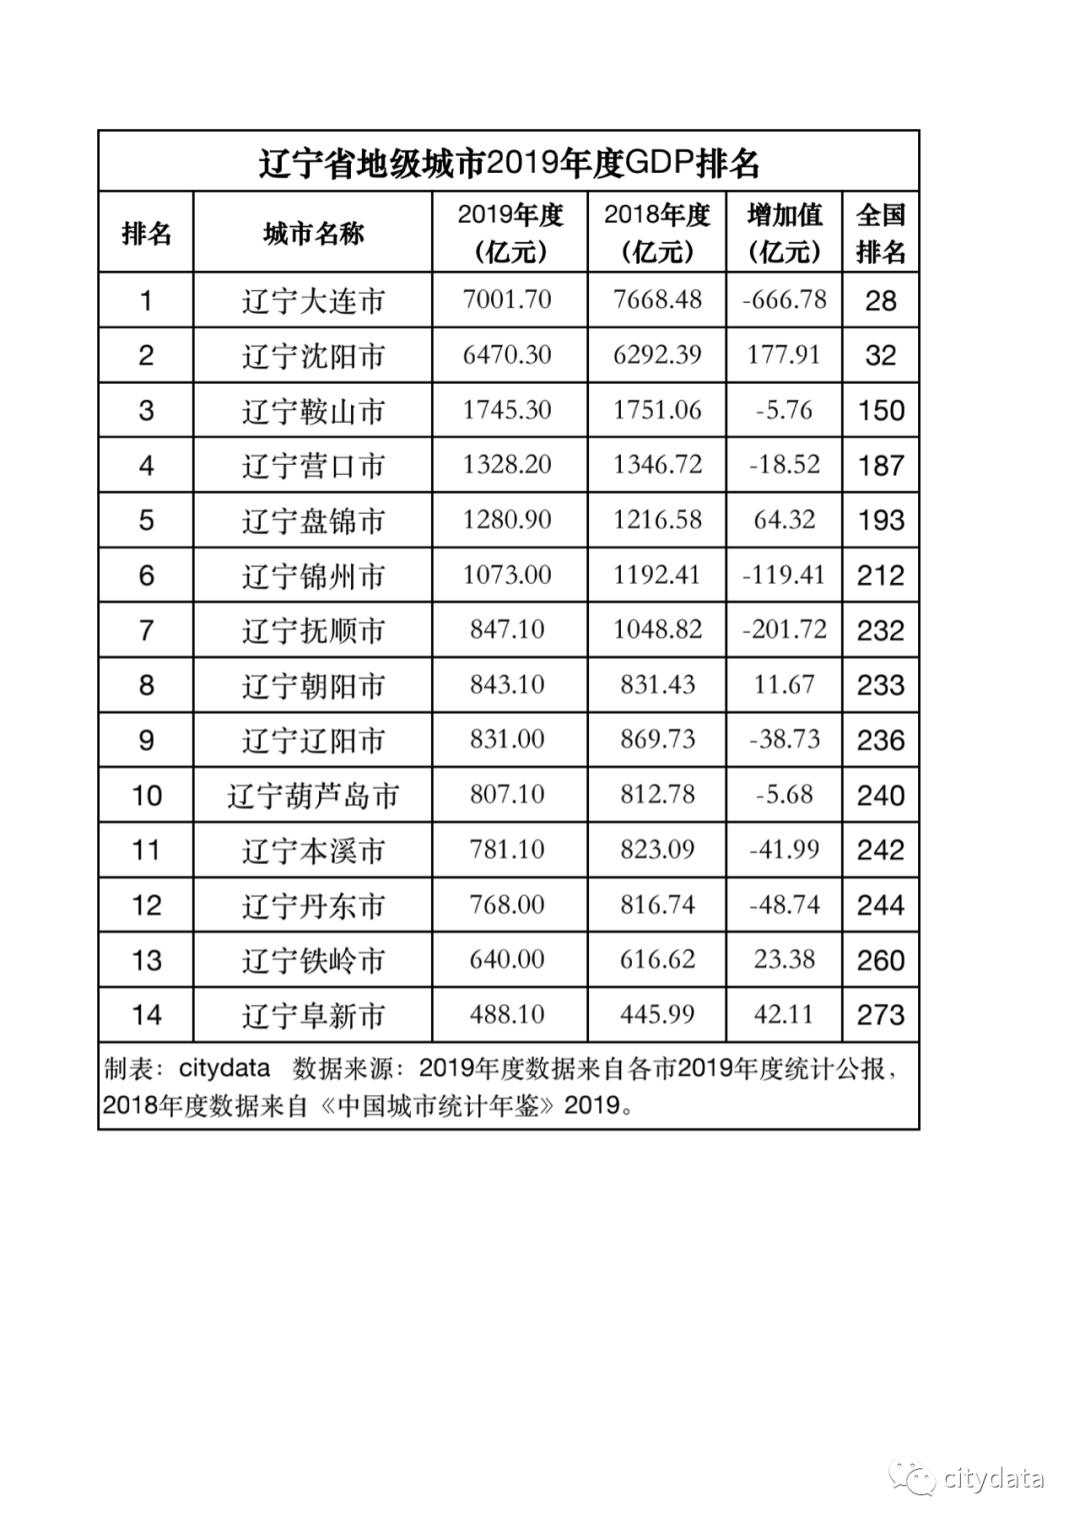 gdp大连_五大计划单列市比拼:大连青岛厦门GDP之和不敌深圳